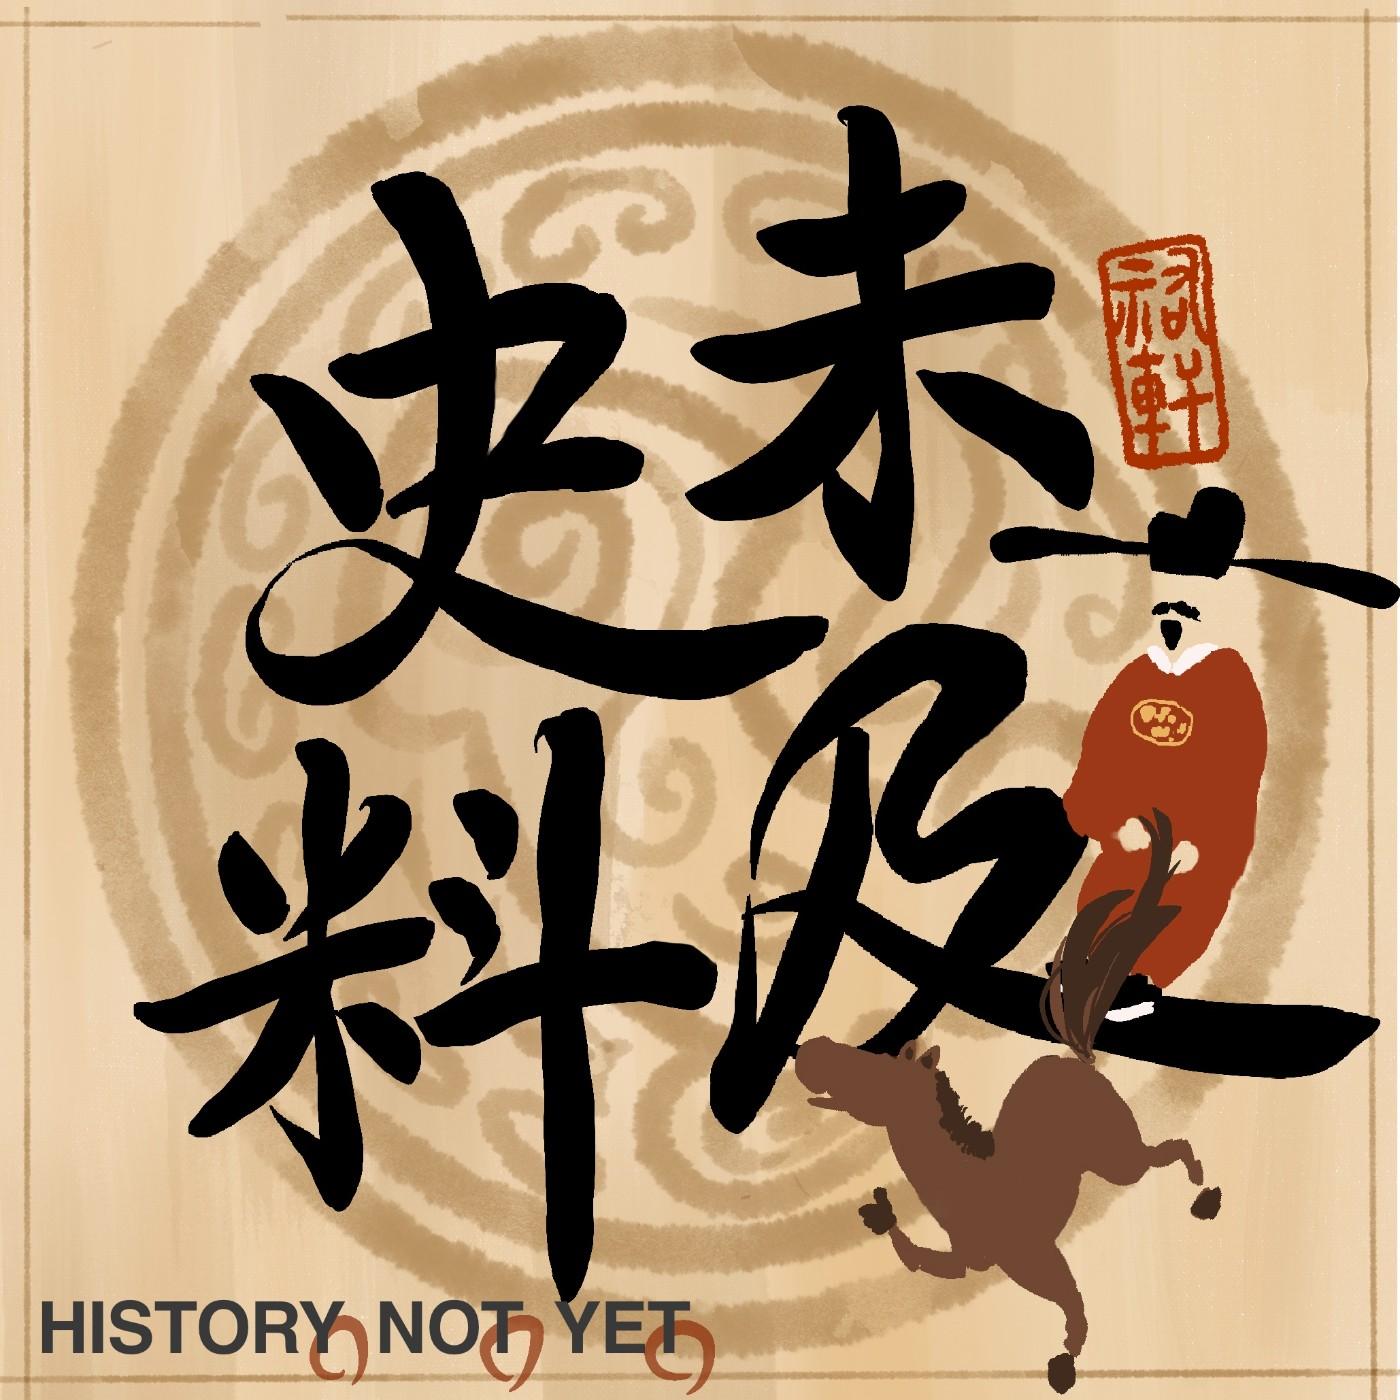 EP 18:拜請王爺三部曲(三) 王爺戰瘟神、法師對道士。台灣民俗信仰究竟哪家強?